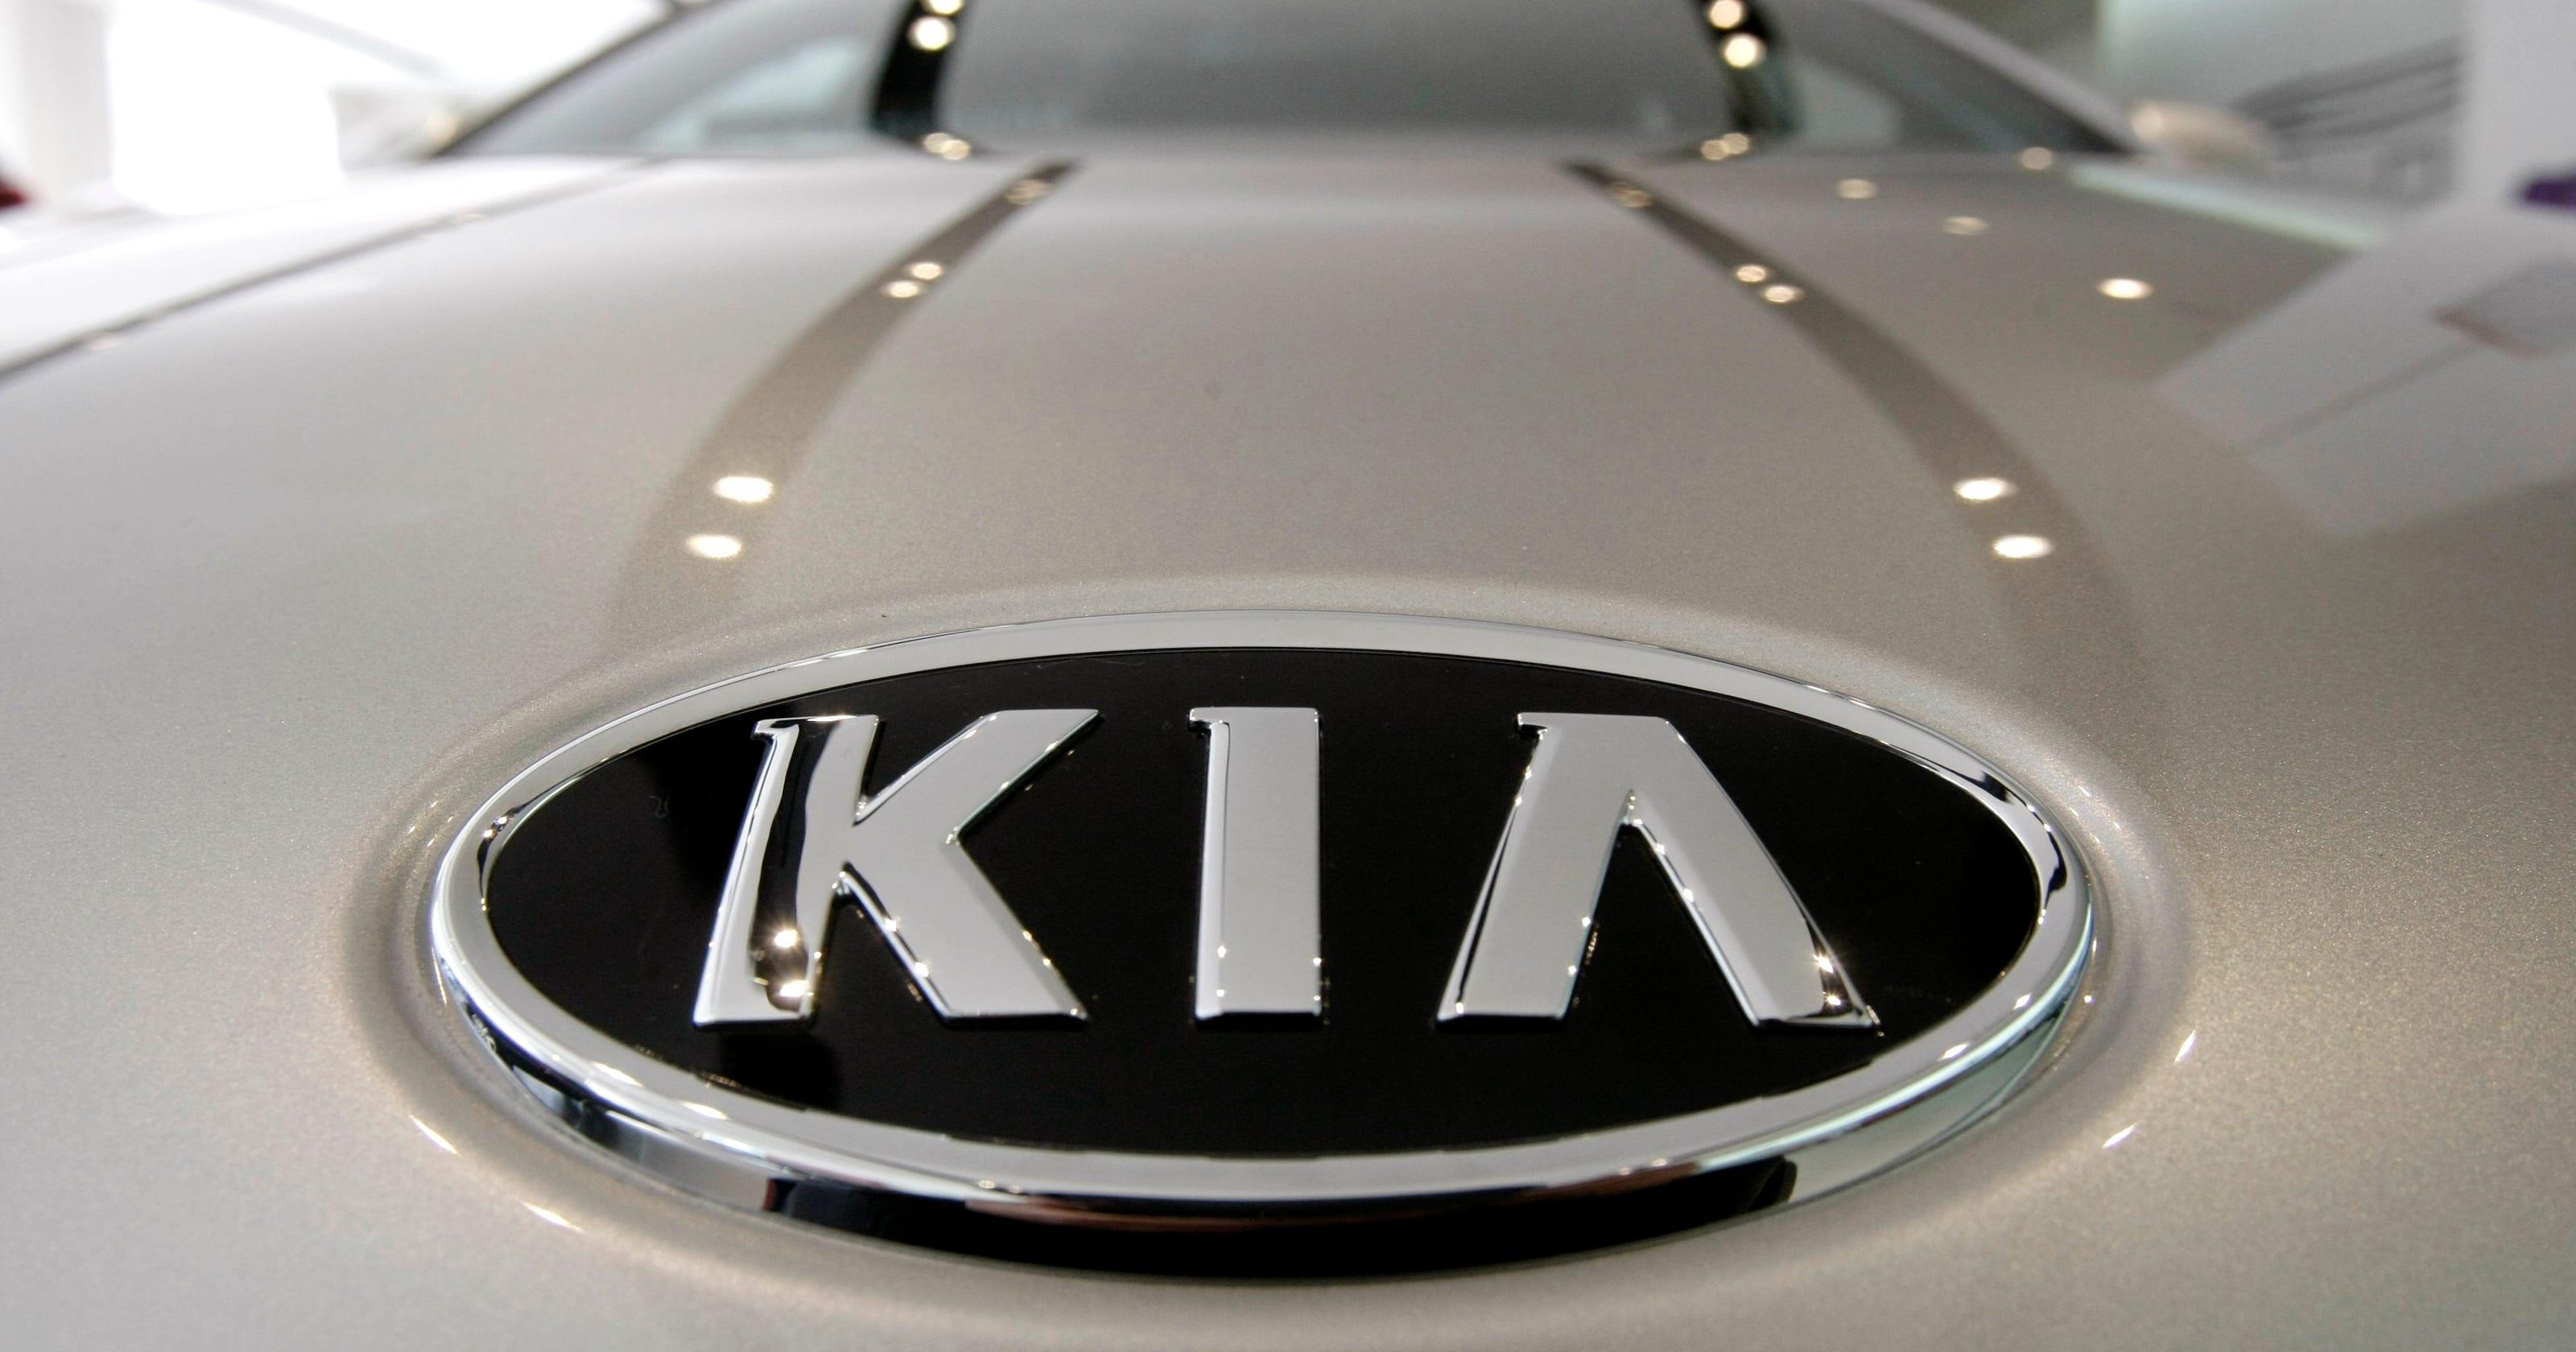 Kia recalls over 500K vehicles